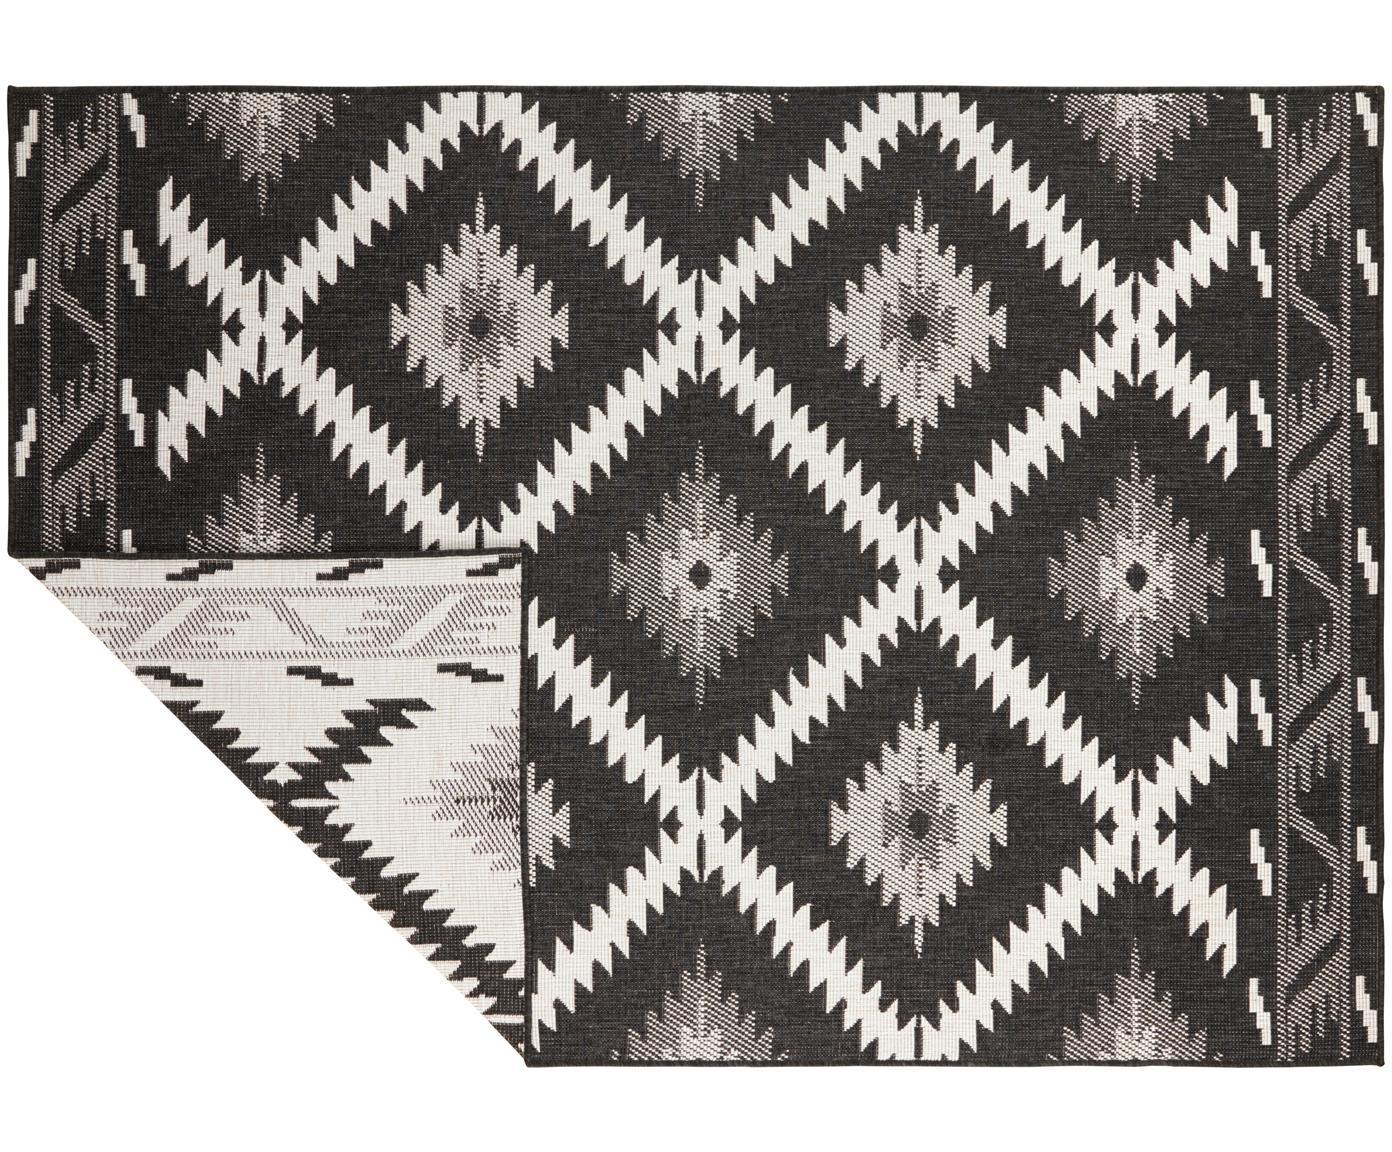 Dubbelzijdig in- en outdoor vloerkleed Malibu in zwart/crèmekleur, Zwart, crèmekleurig, B 200 x L 290 cm (maat L)